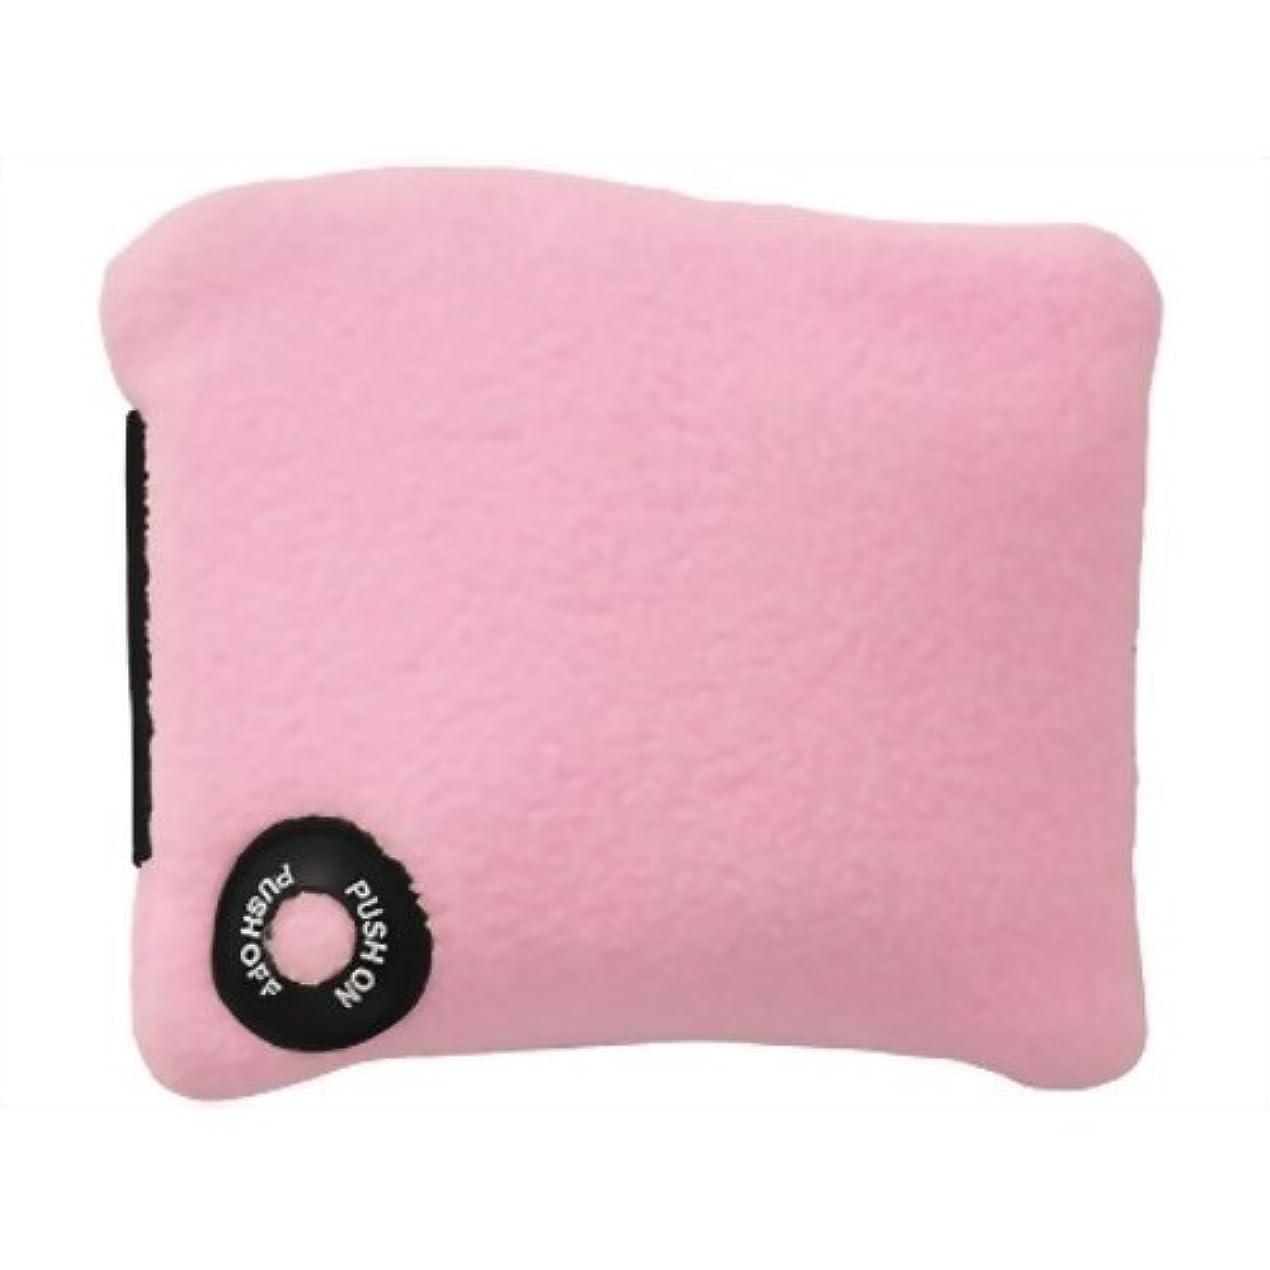 ビタミン極端な動かすぶるる 足用 ピンク フリーサイズ